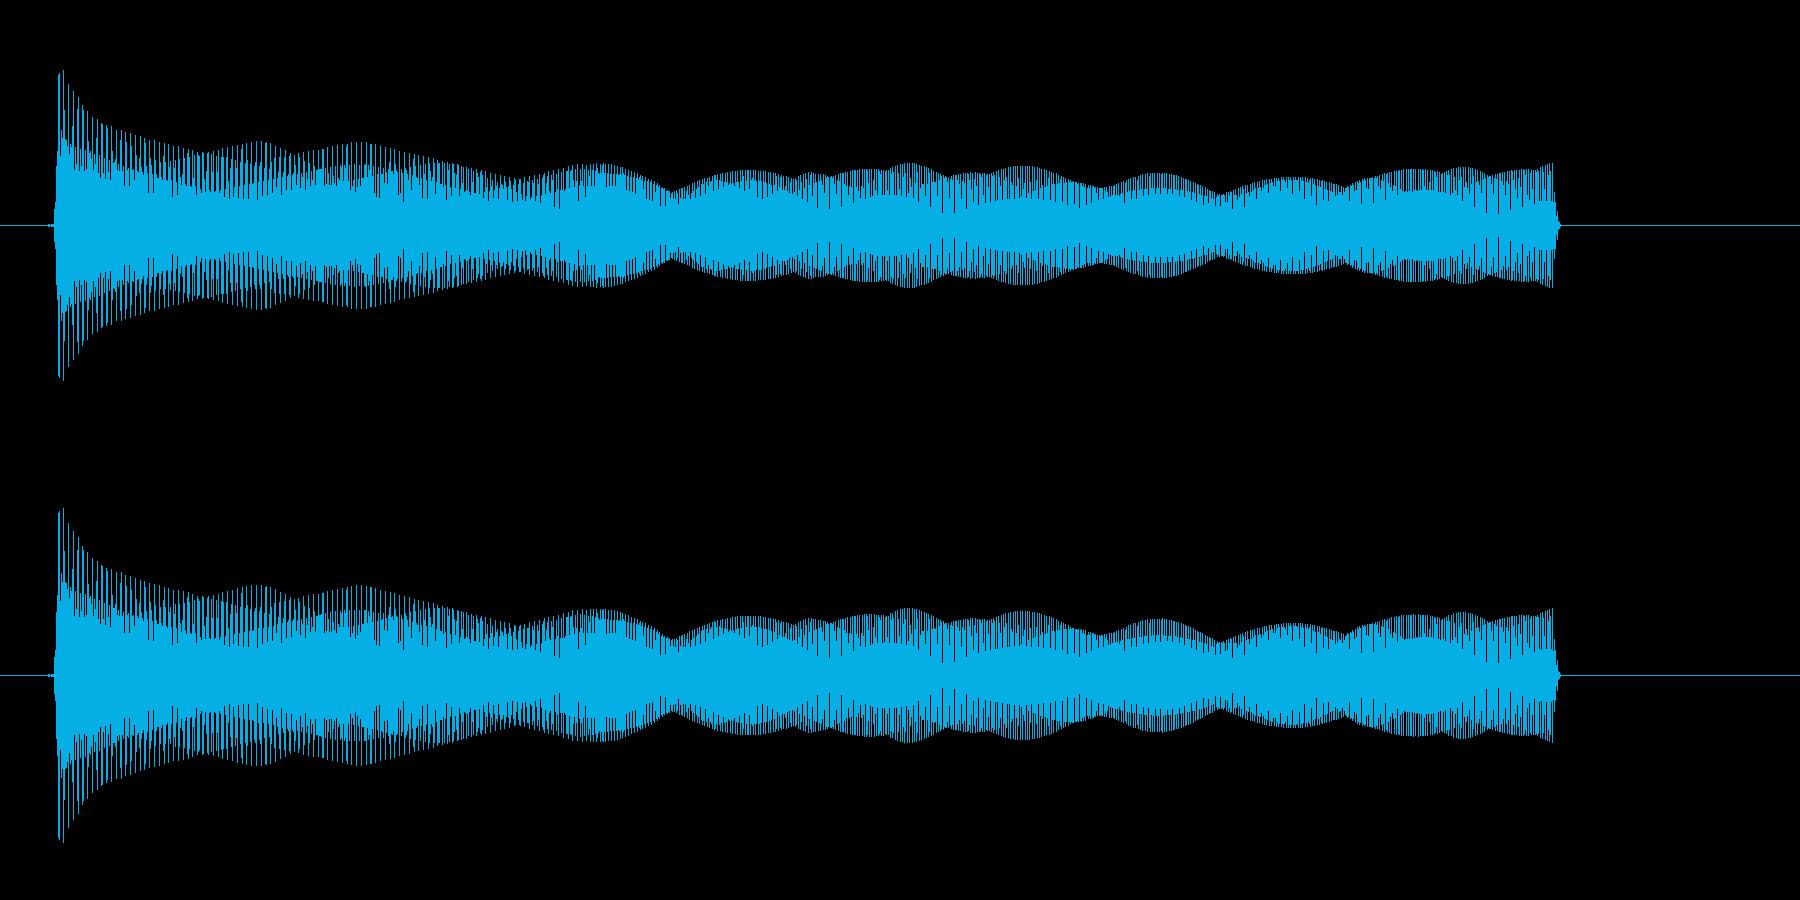 【びょーーん】シンセ2音遠くへ飛ぶ音の再生済みの波形